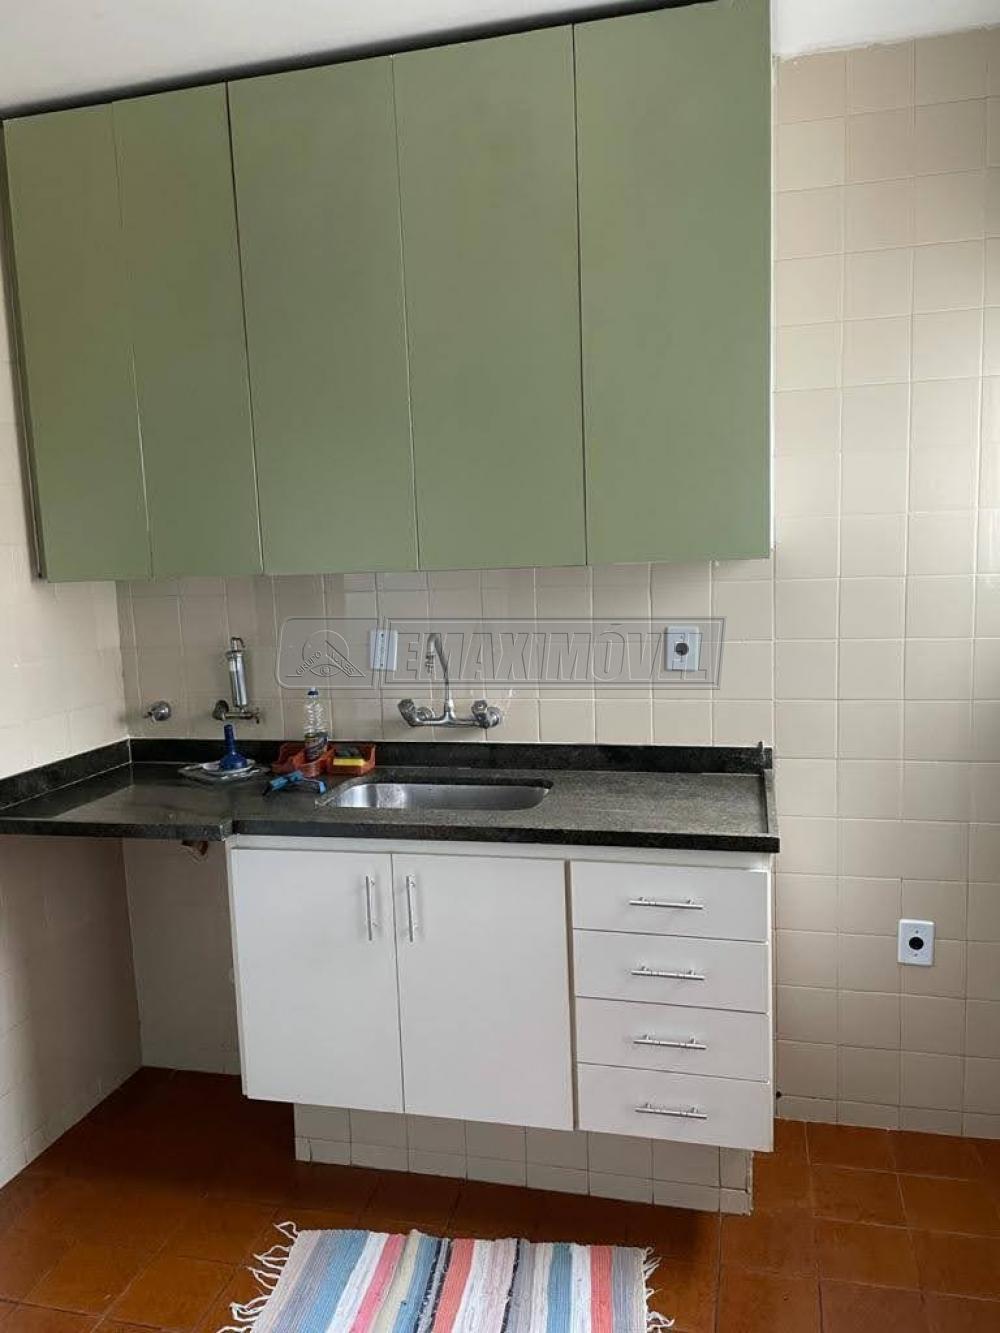 Comprar Apartamento / Padrão em Sorocaba R$ 400.000,00 - Foto 15